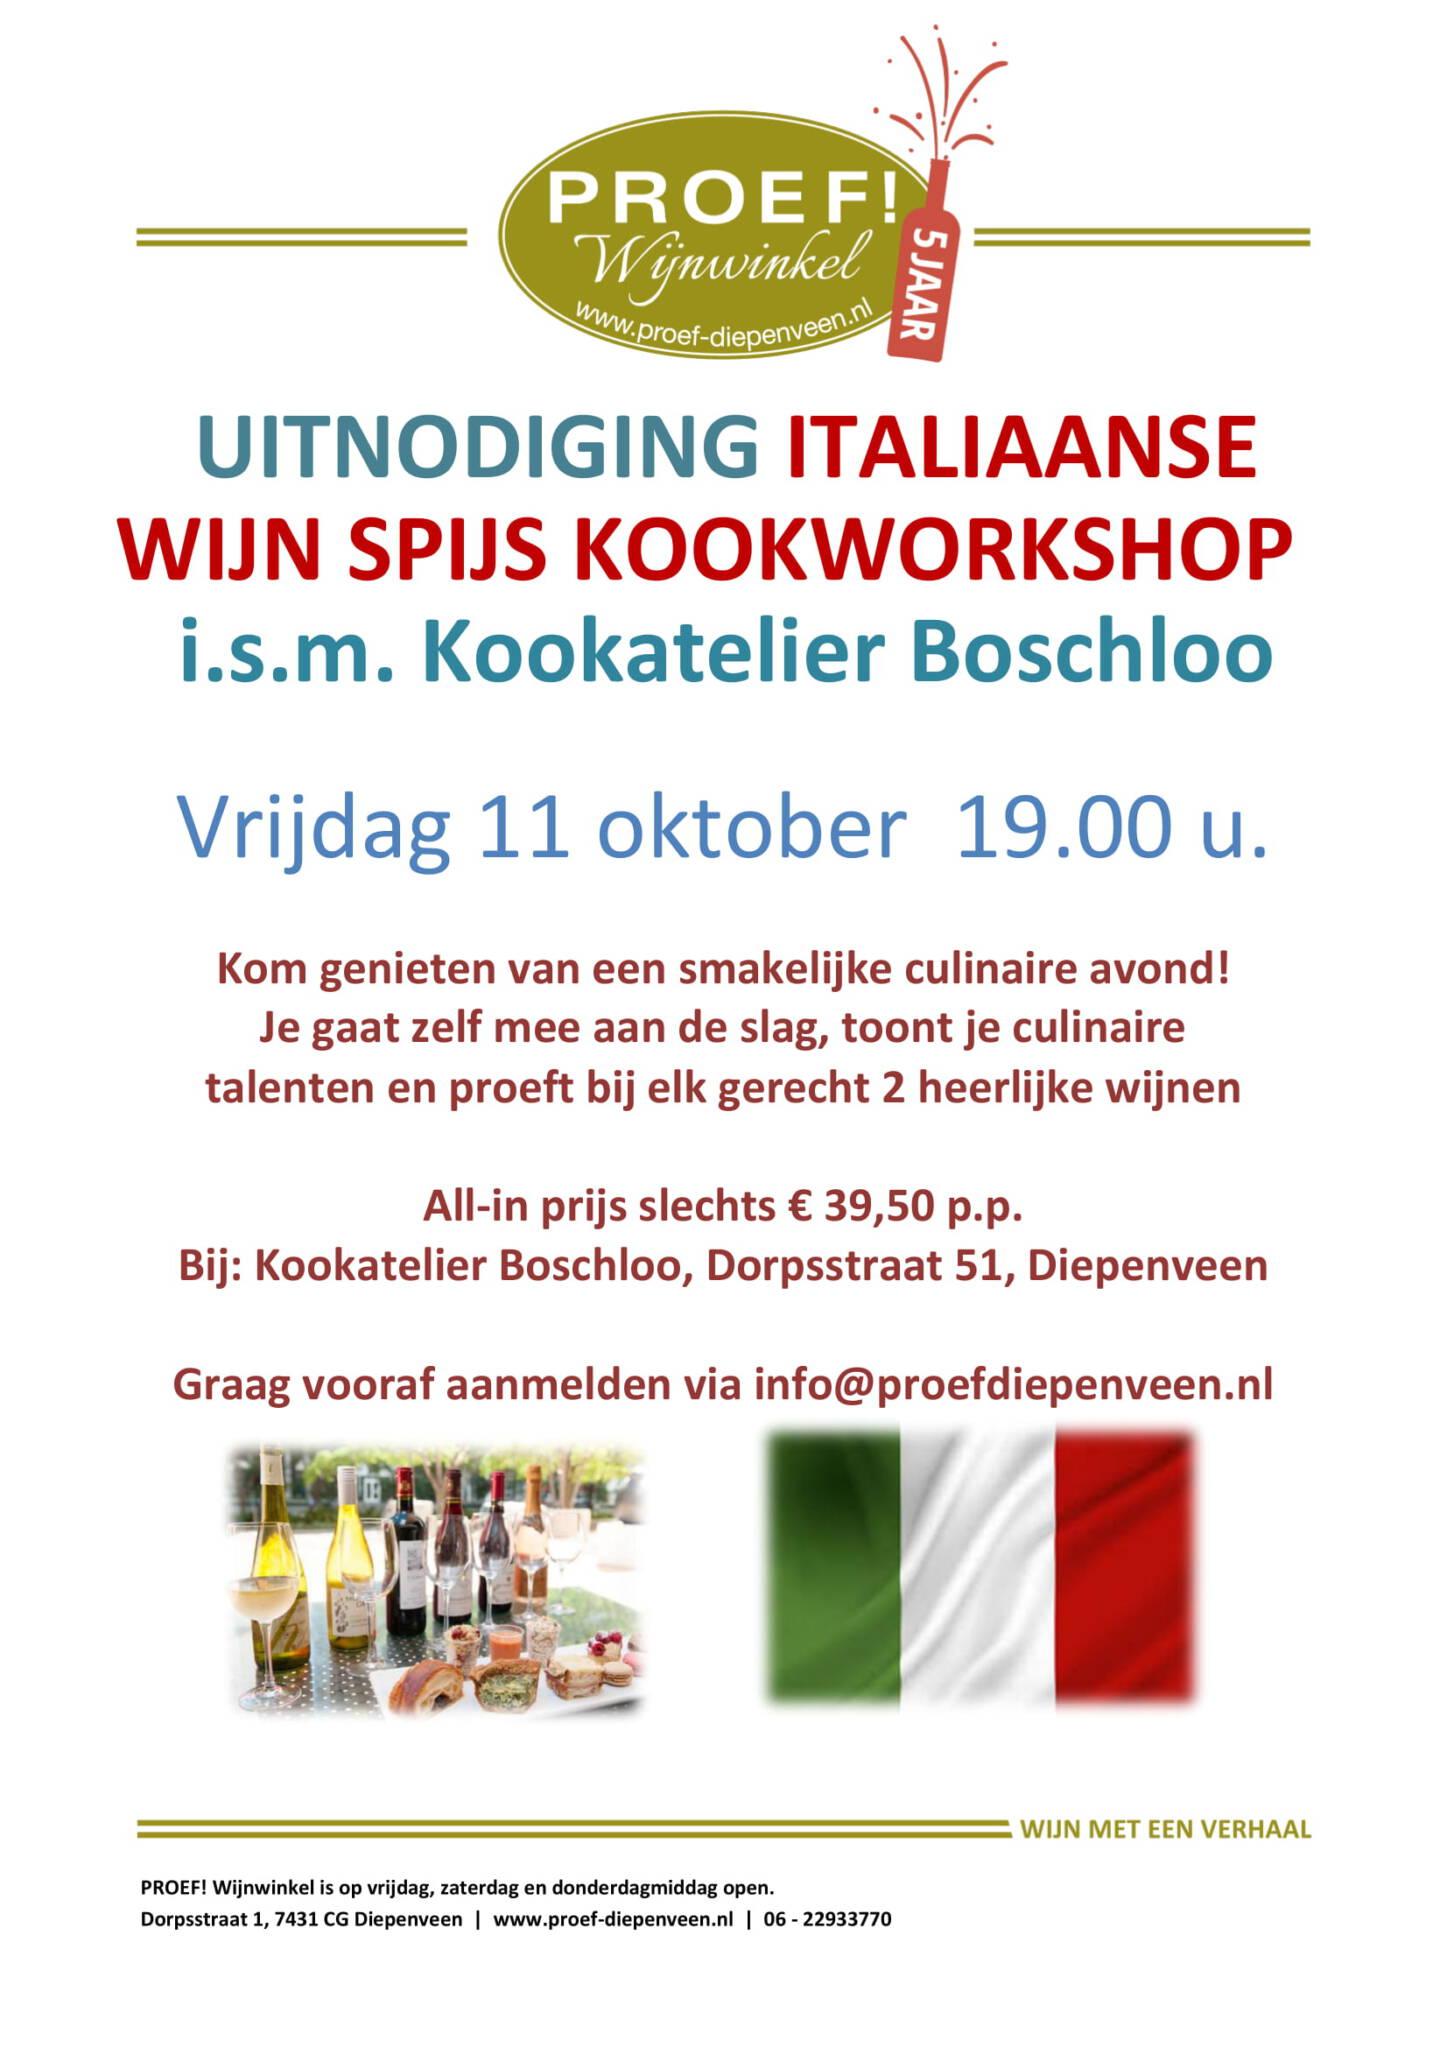 Italliaanse Wijn-spijs Kookworkshop